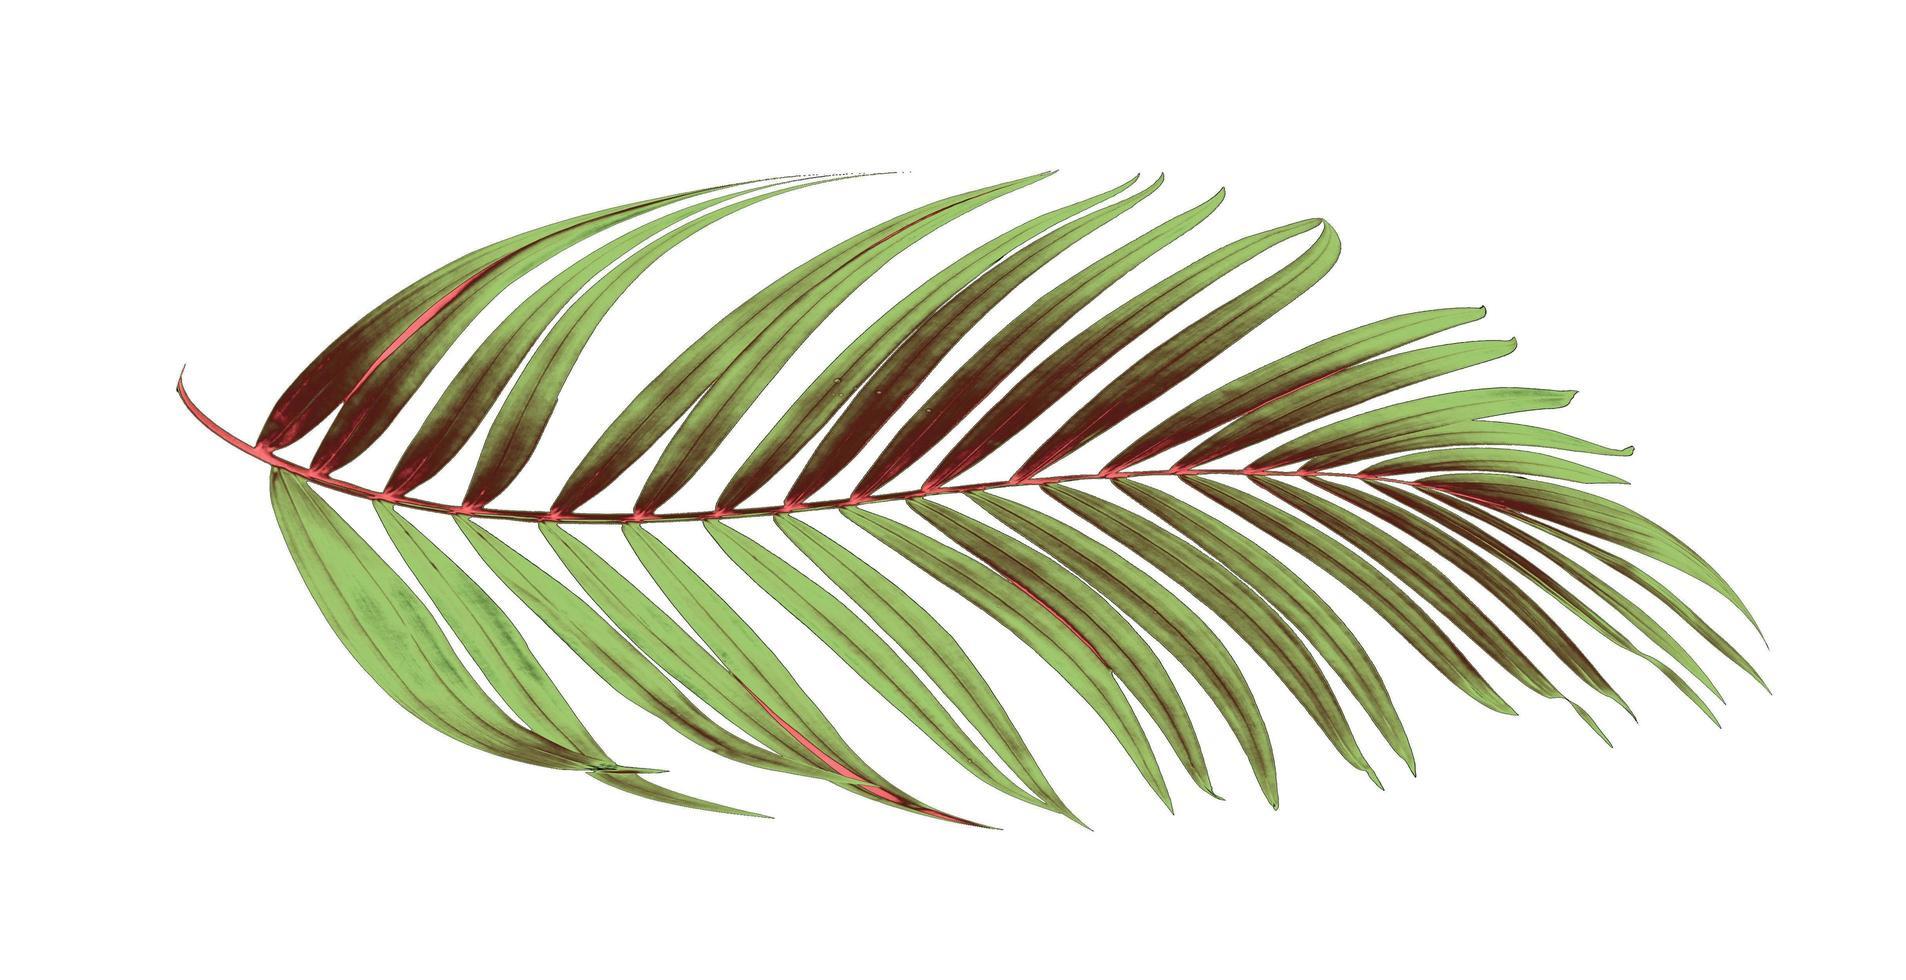 grünes und braunes tropisches Blatt foto